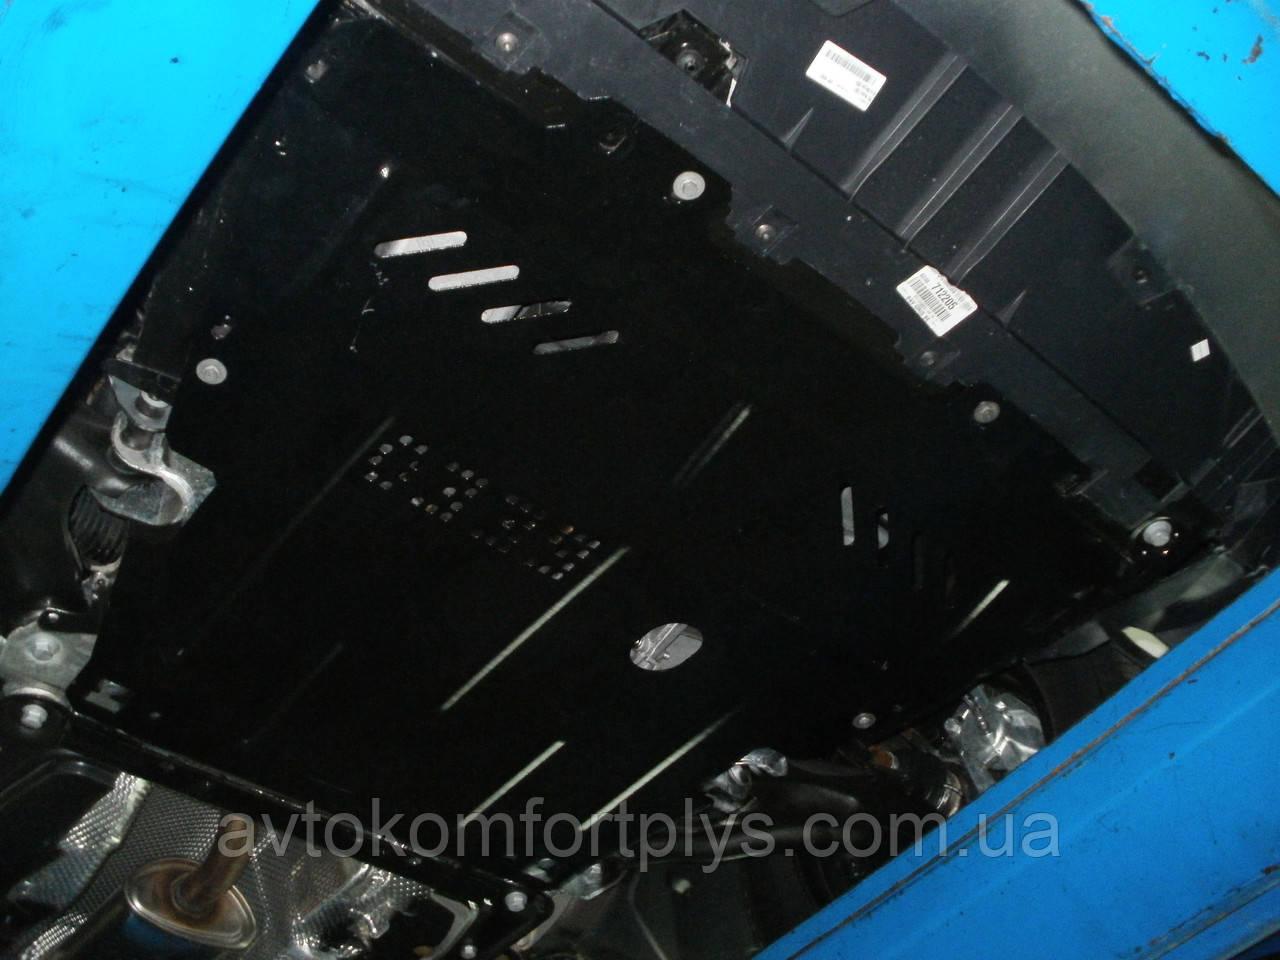 Металева (сталева) захист двигуна (картера) Renault Kangoo (2008-) (V-1,6; 1,5 CDI)